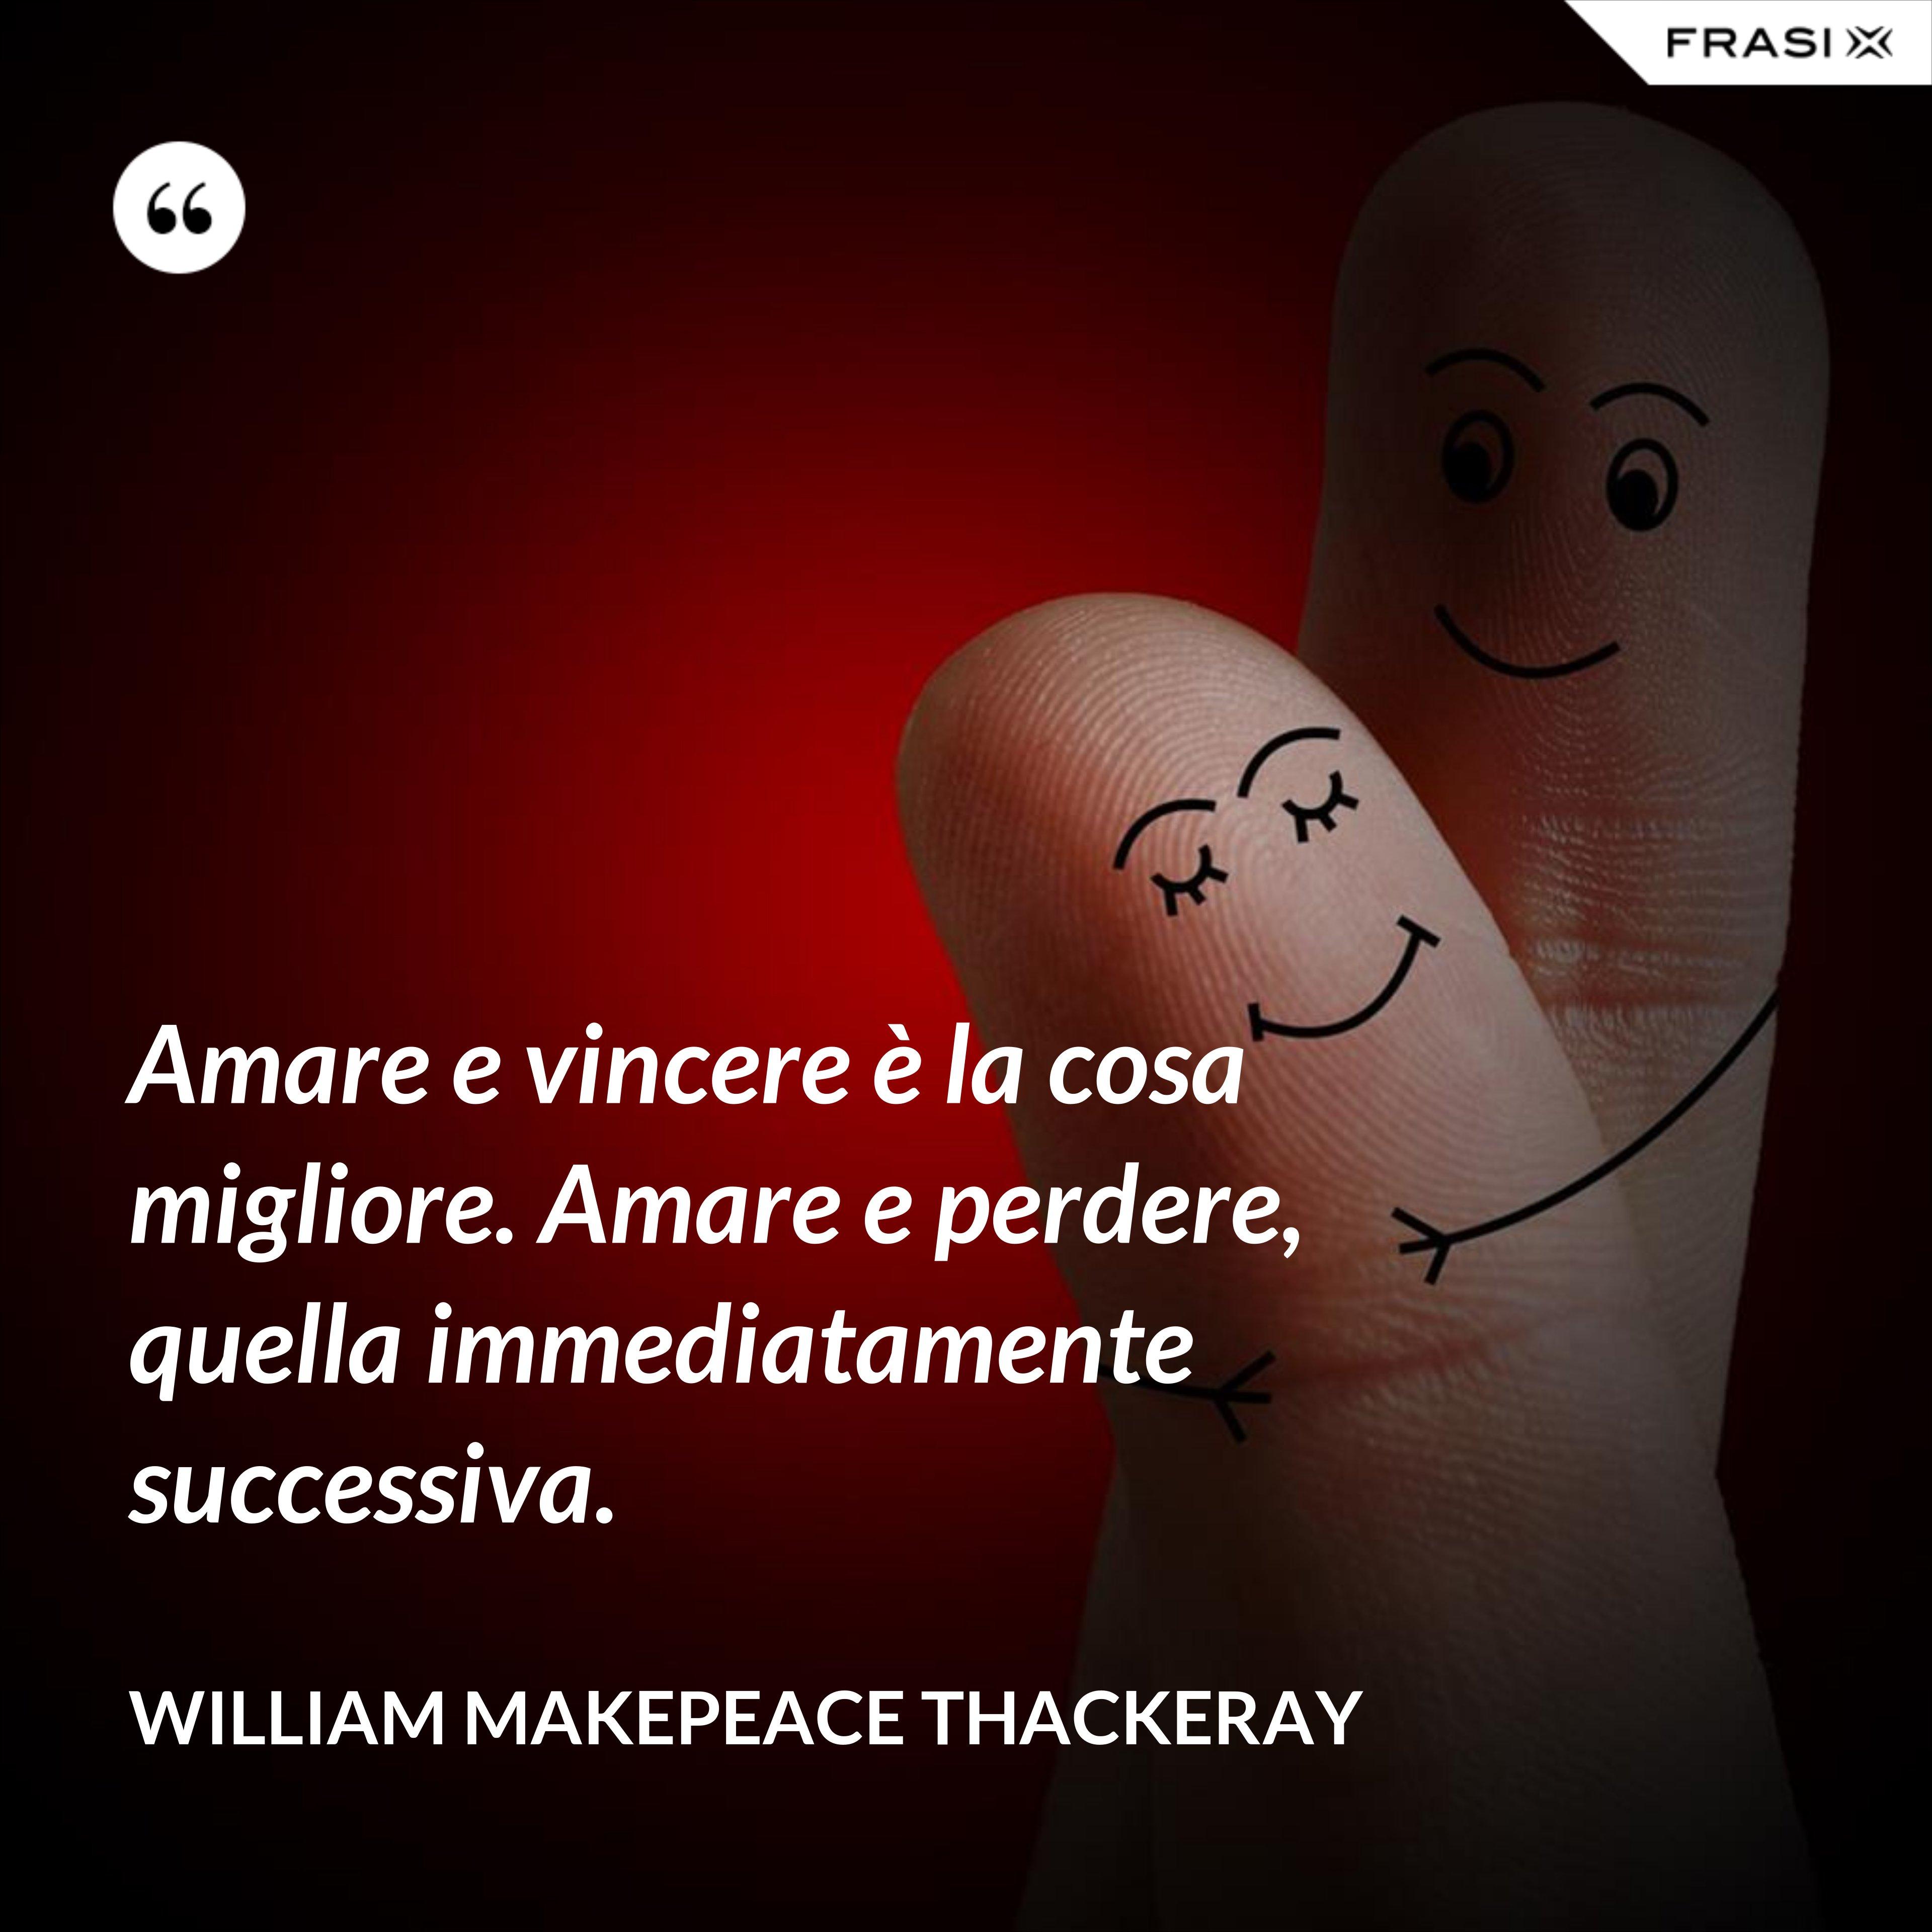 Amare e vincere è la cosa migliore. Amare e perdere, quella immediatamente successiva. - William Makepeace Thackeray